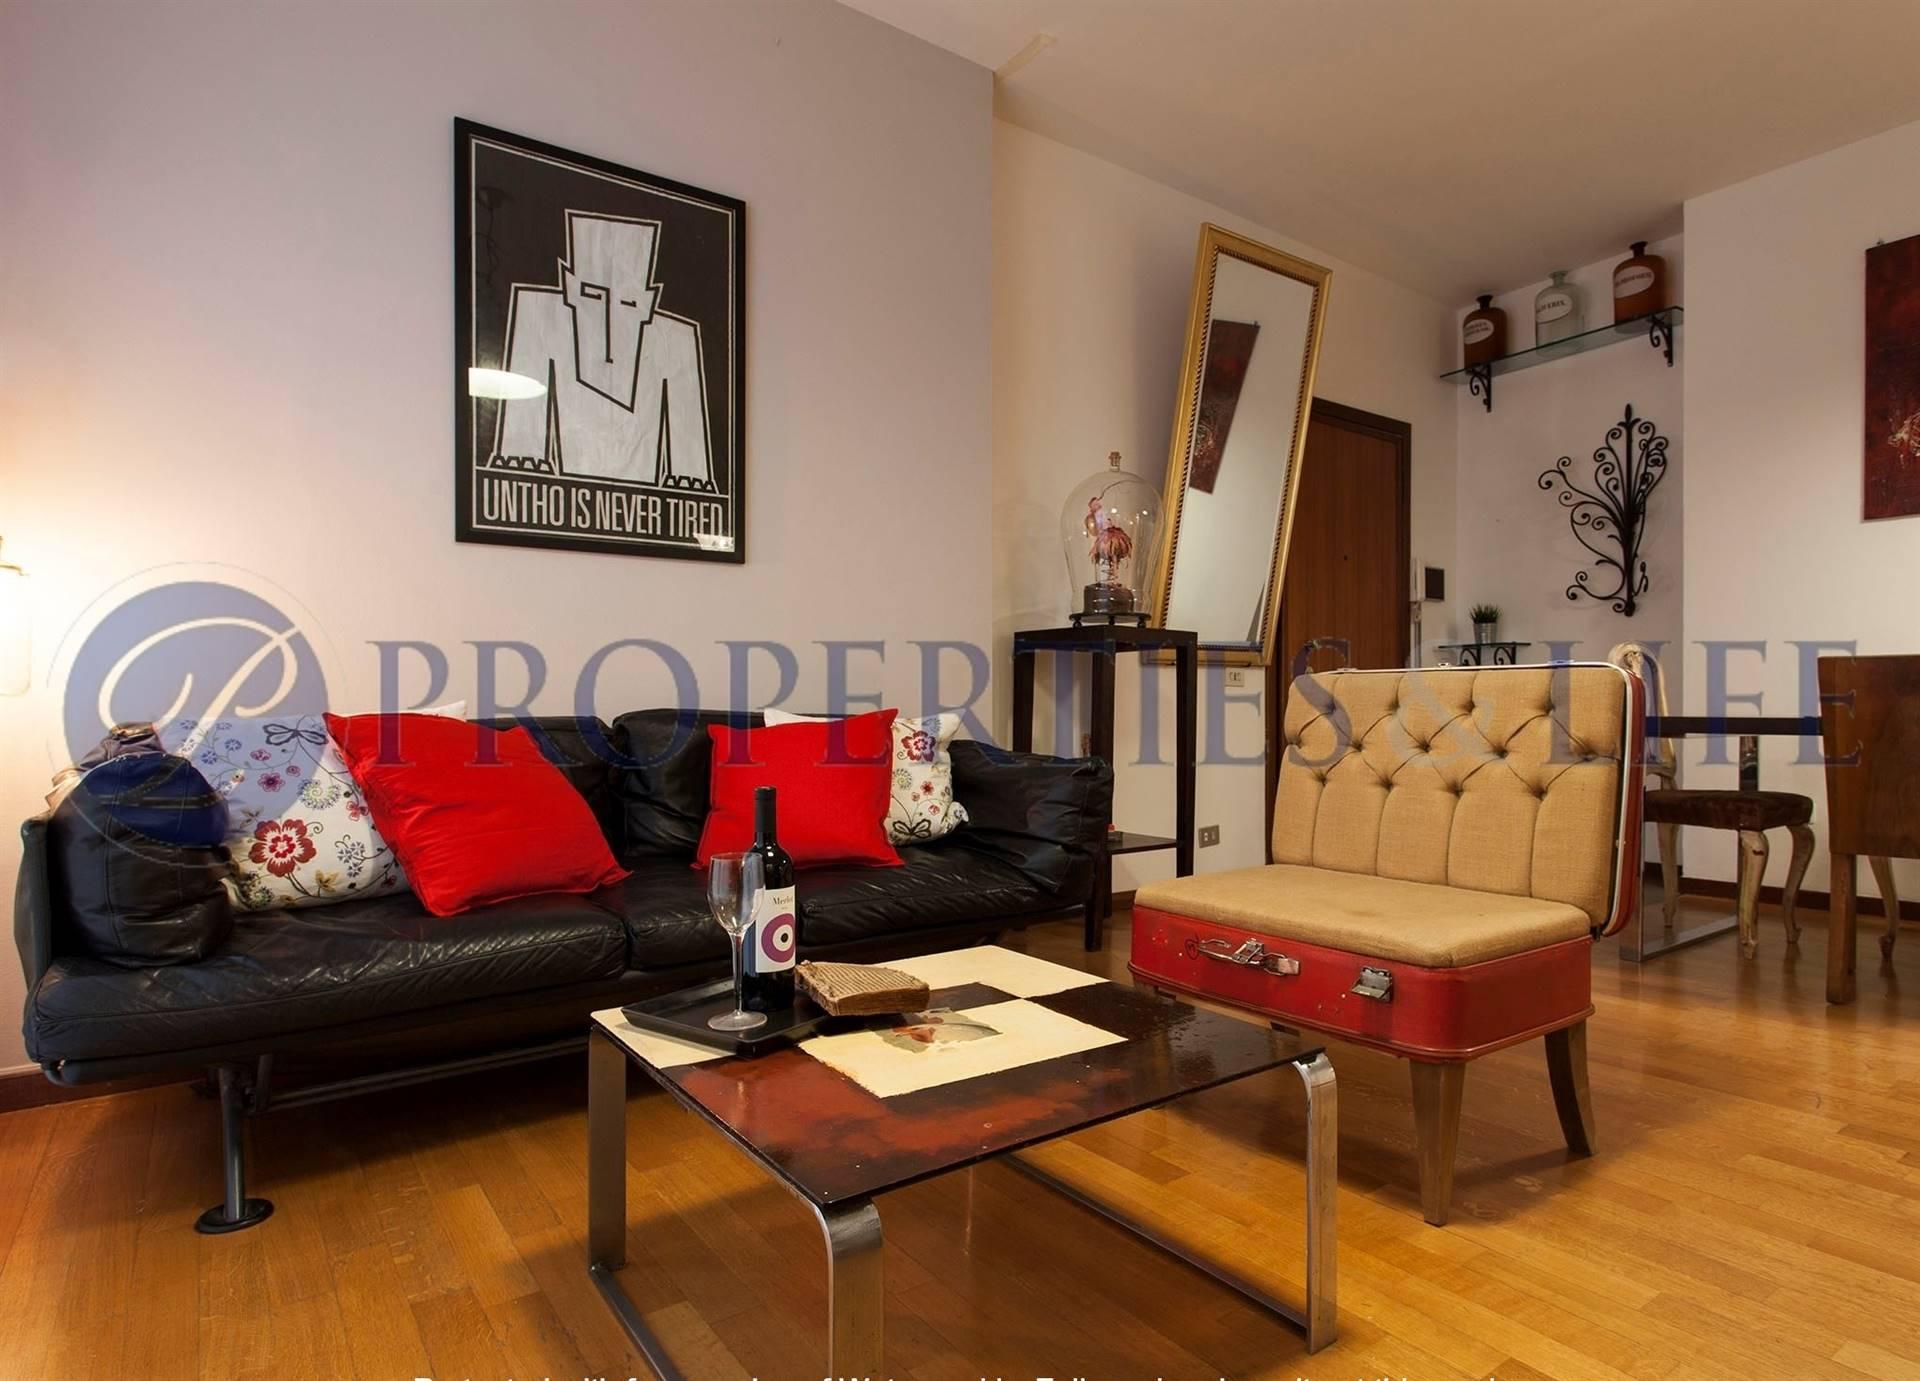 SAN SIRO/ VIA TESIO Posizione: Molto buona. L'appartamento si inserisce in un pregevole quartiere residenziale di Milano particolarmente apprezzato